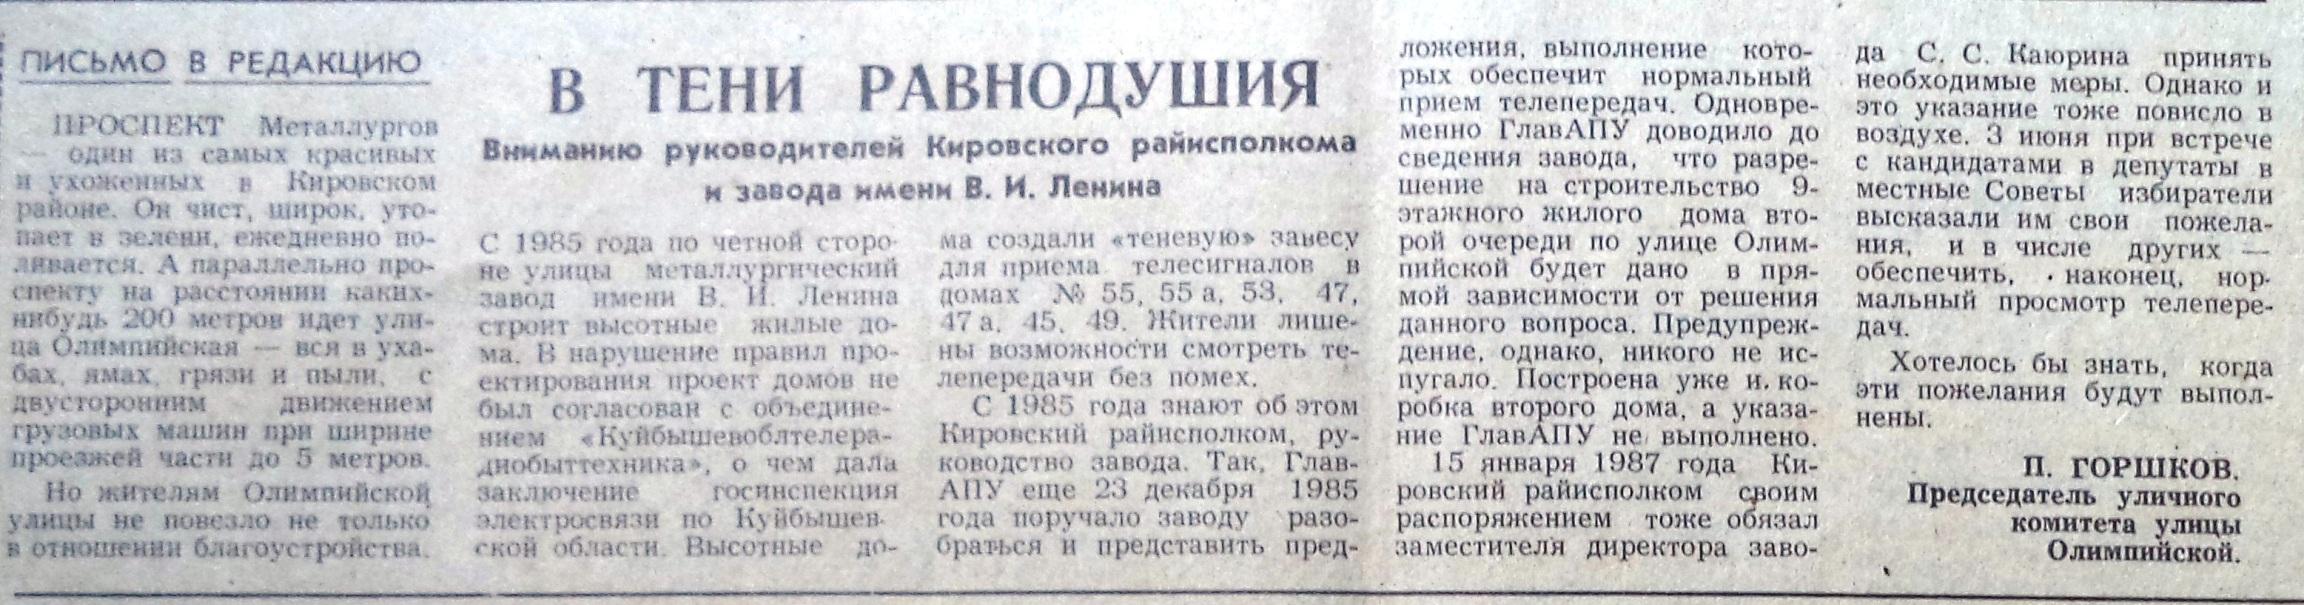 Олимпийская-ФОТО-41-ВЗя-1987-07-09-пробл. с ТВ-сигналами на ул. Олимп.